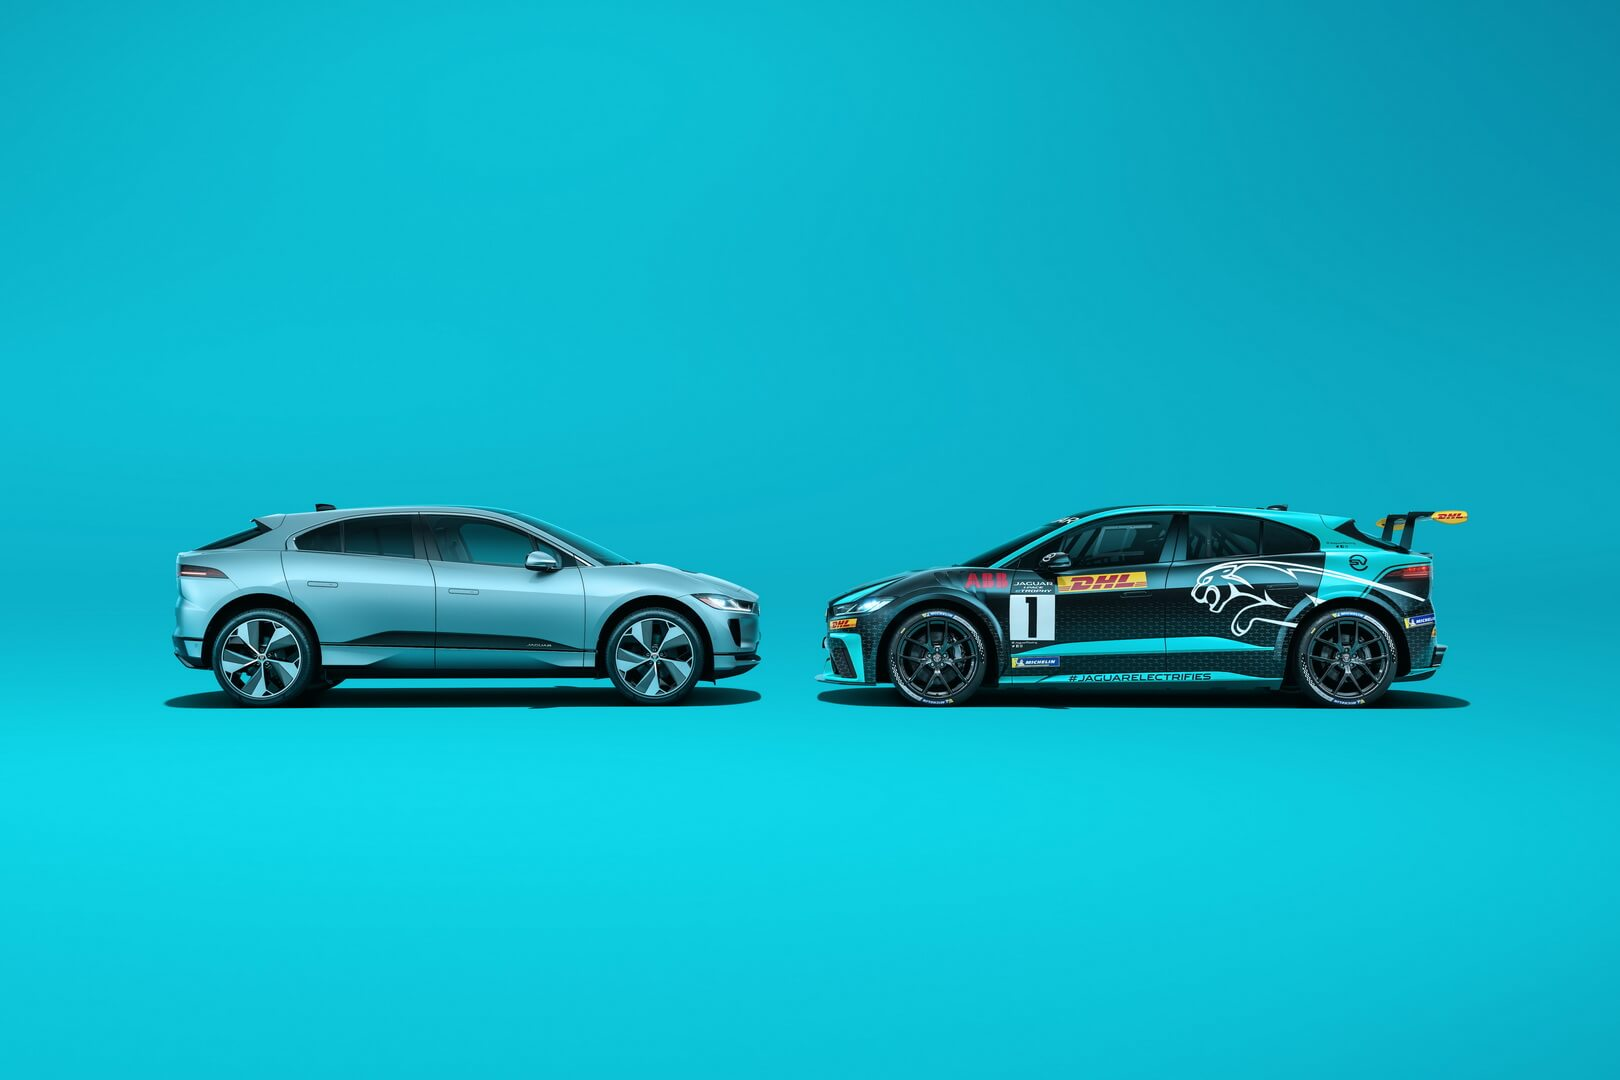 Jaguar розробив оновлення для електрокара I-PACE після тестування електромобиля на гоночних треках